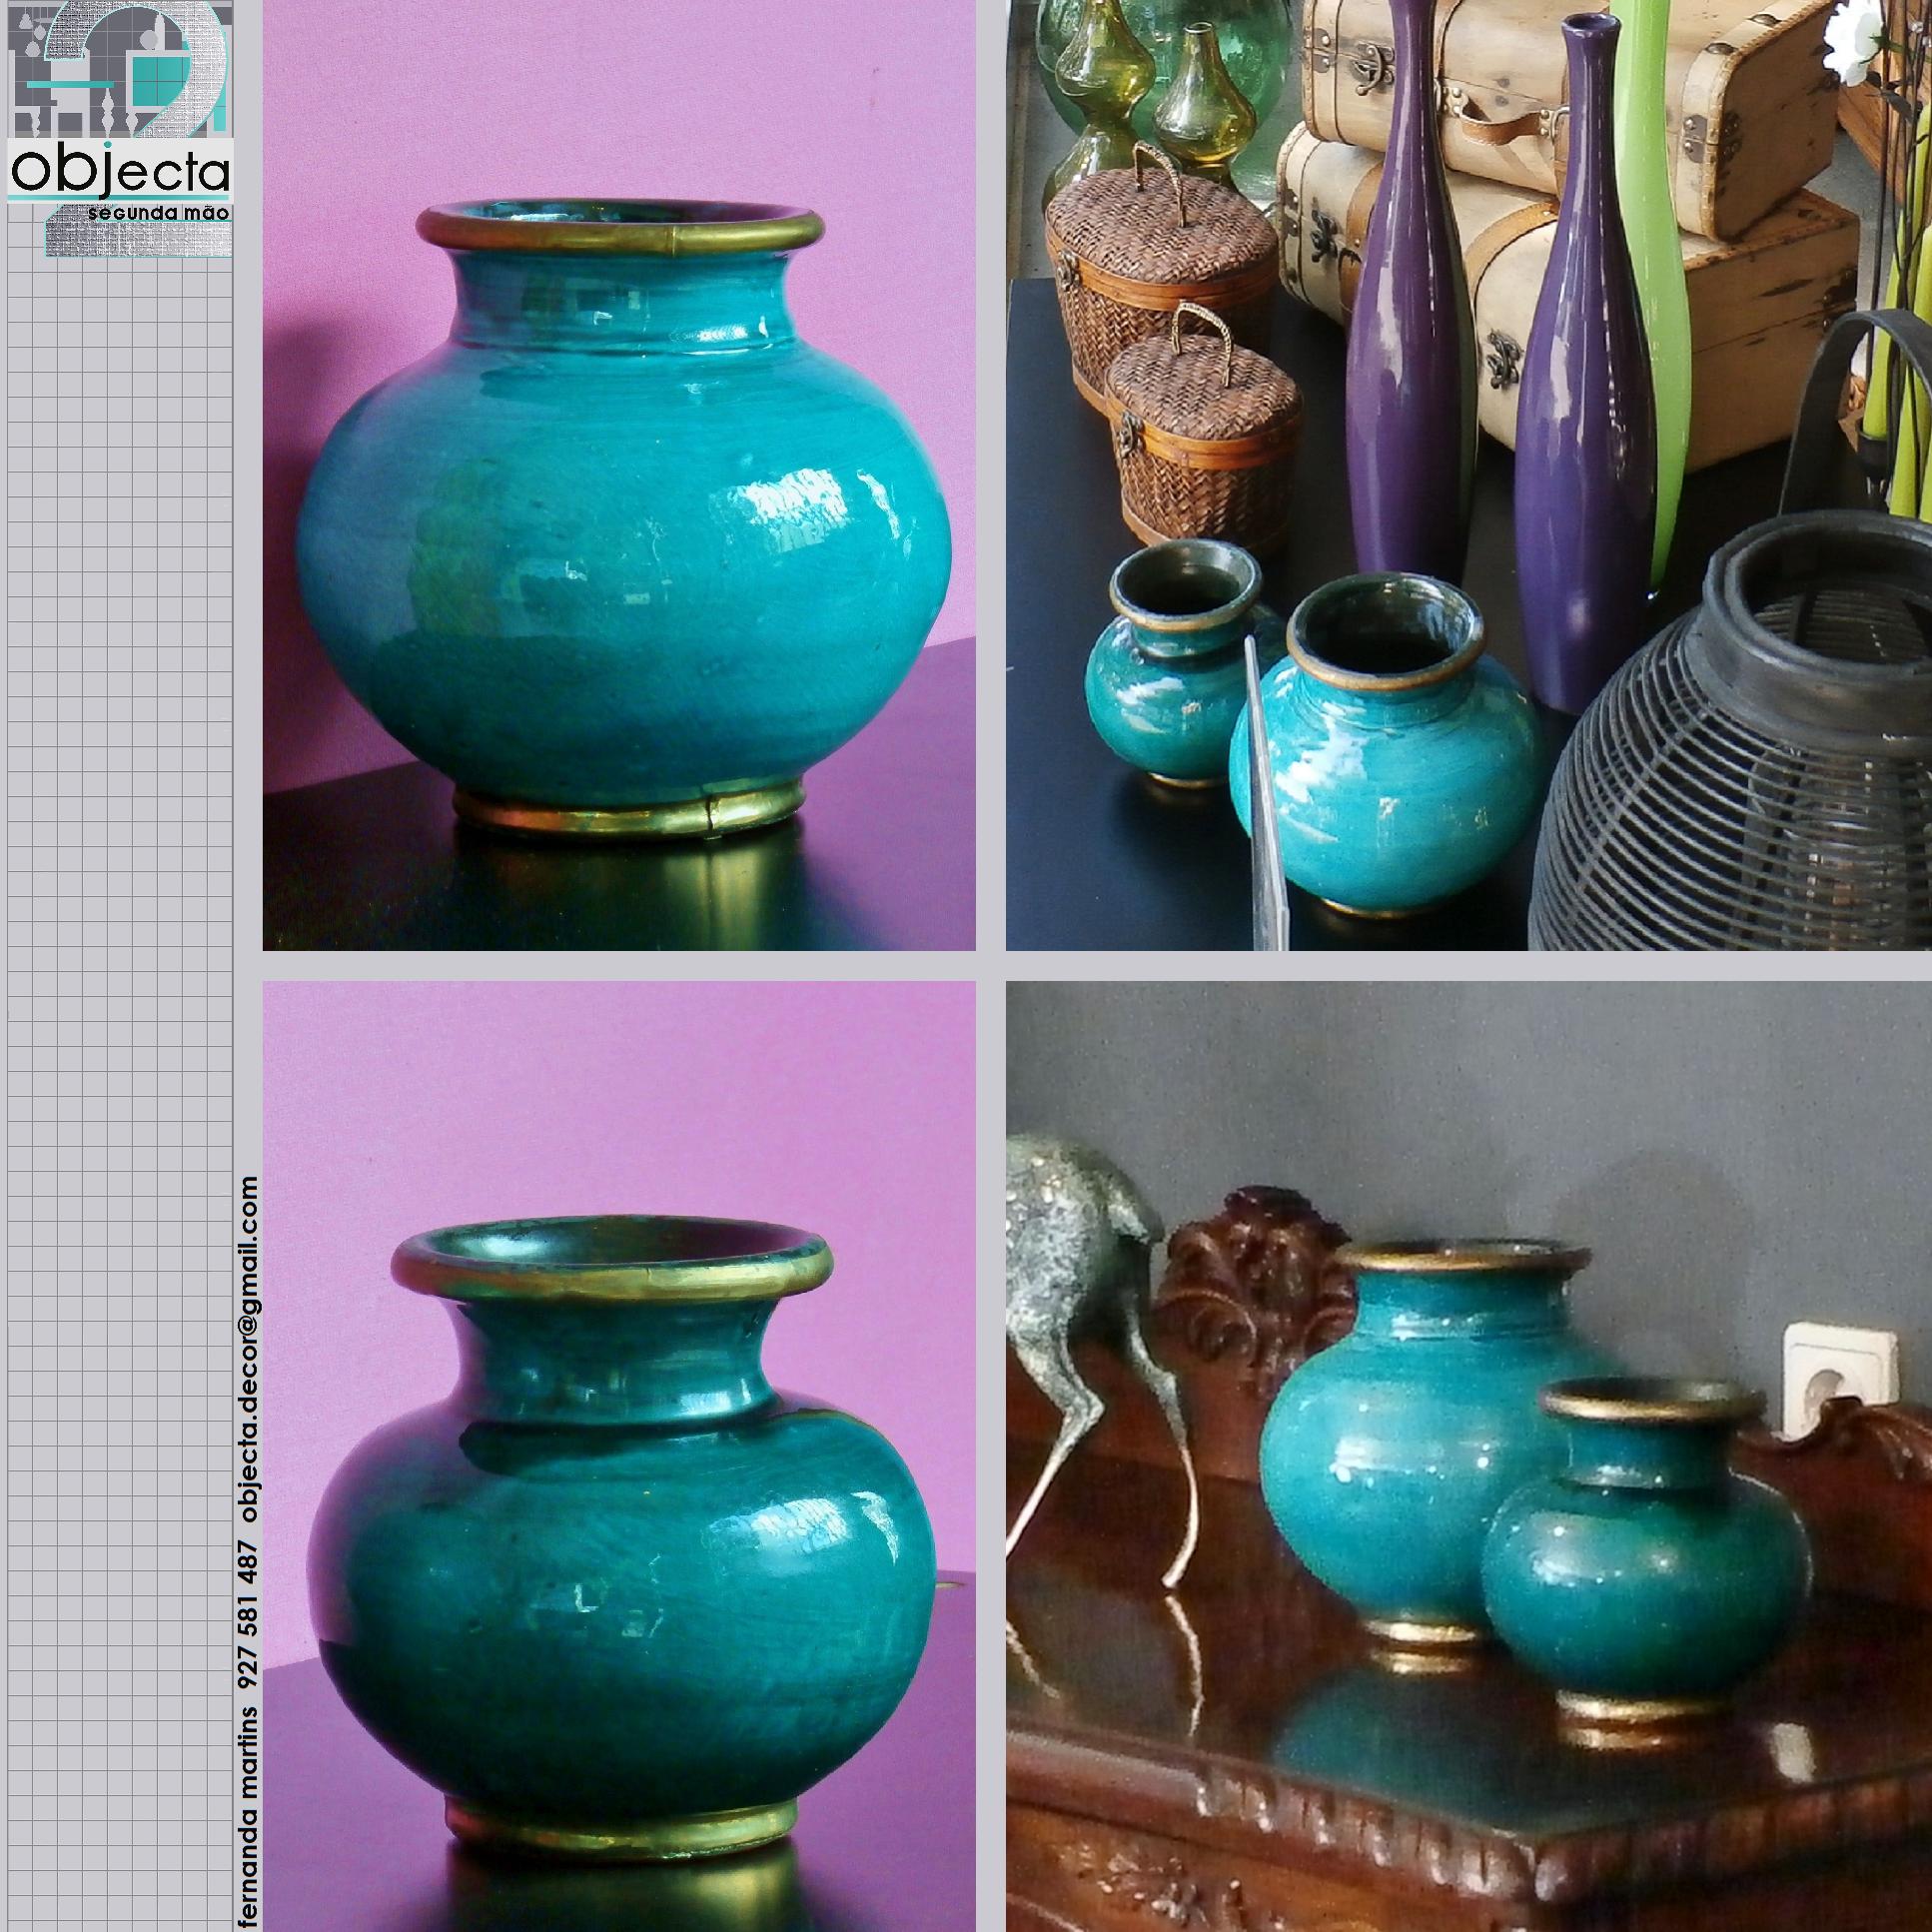 JARRAS MARROQUINAS (par), artesanais em porcelana marroquina (Marraquexe) debruadas a latão e com assinatura do artesão......QUAL A SUA OPINIÃO sobre estas nossas peças? (disponíveis)  https://www.facebook.com/objecta.segunda.mao/